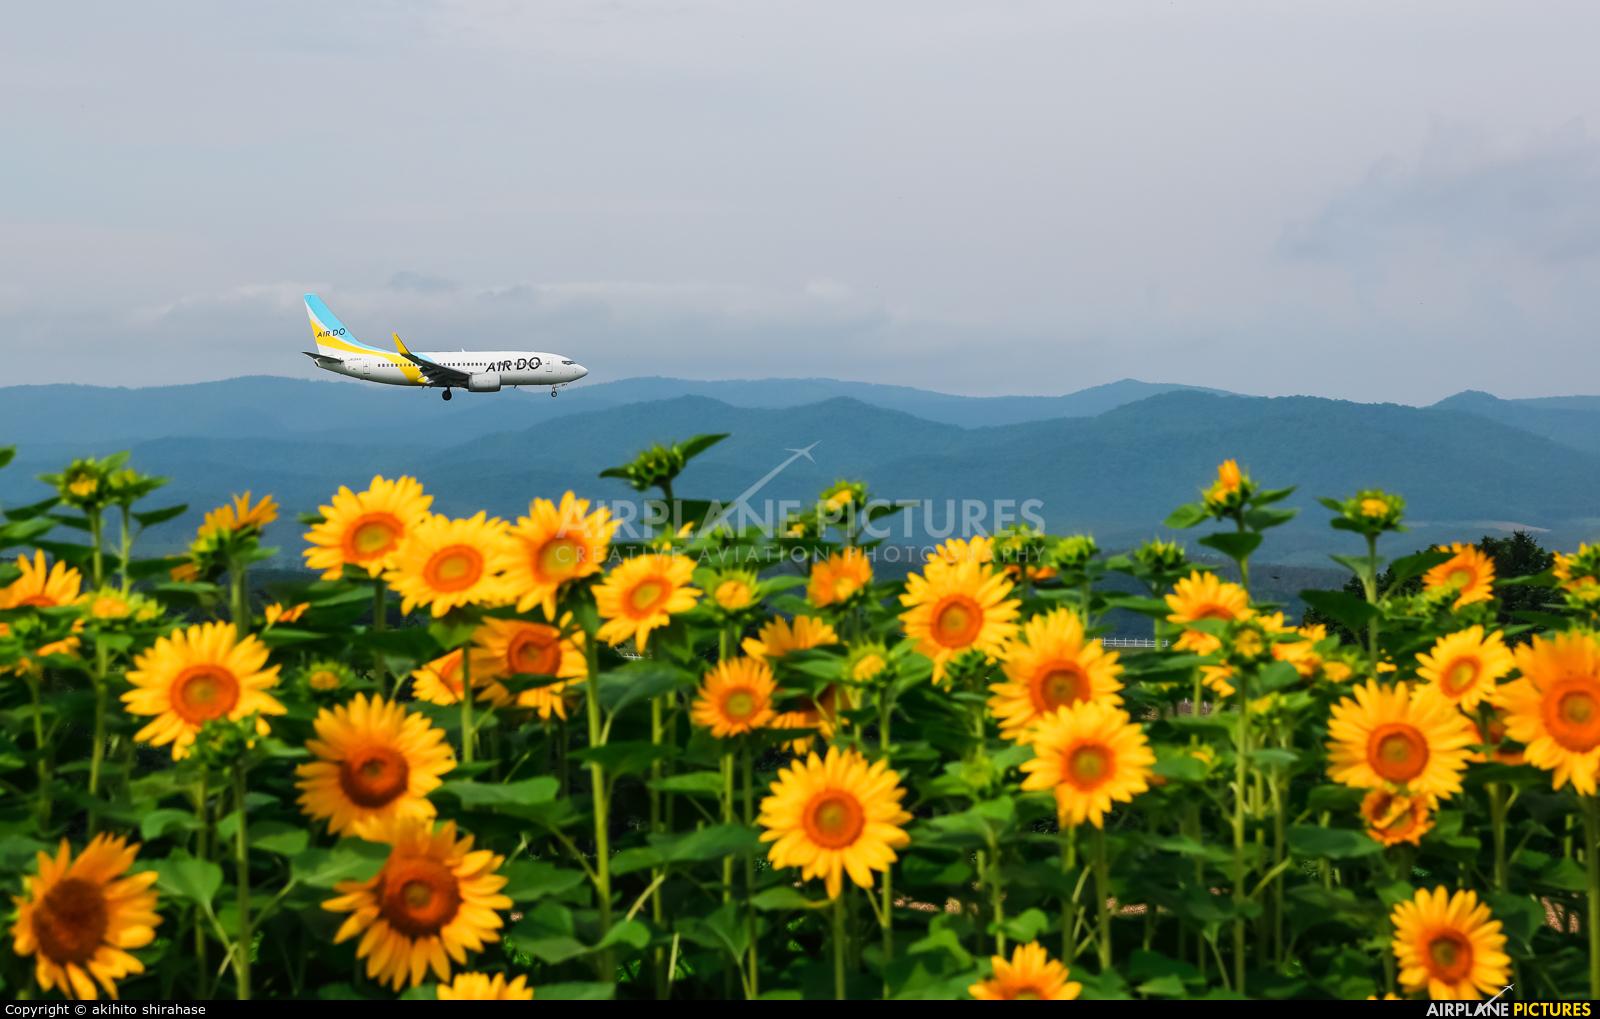 Air Do - Hokkaido International Airlines JA01AN aircraft at Asahikawa